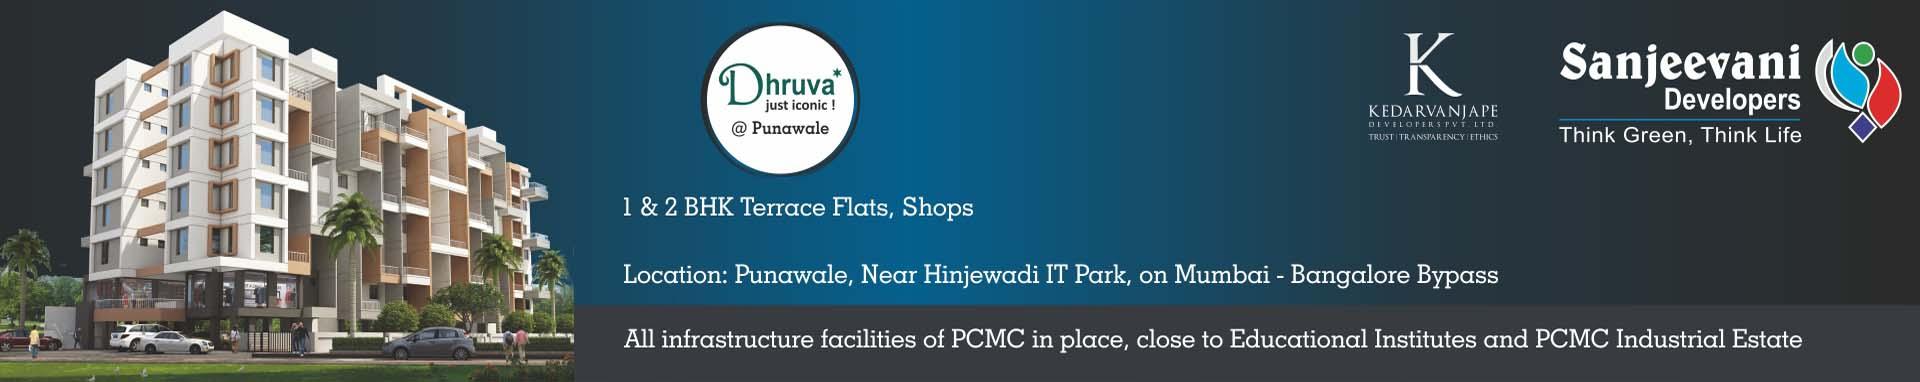 sanjeevani-developers-dhurva-punwale-pune-inside-banner